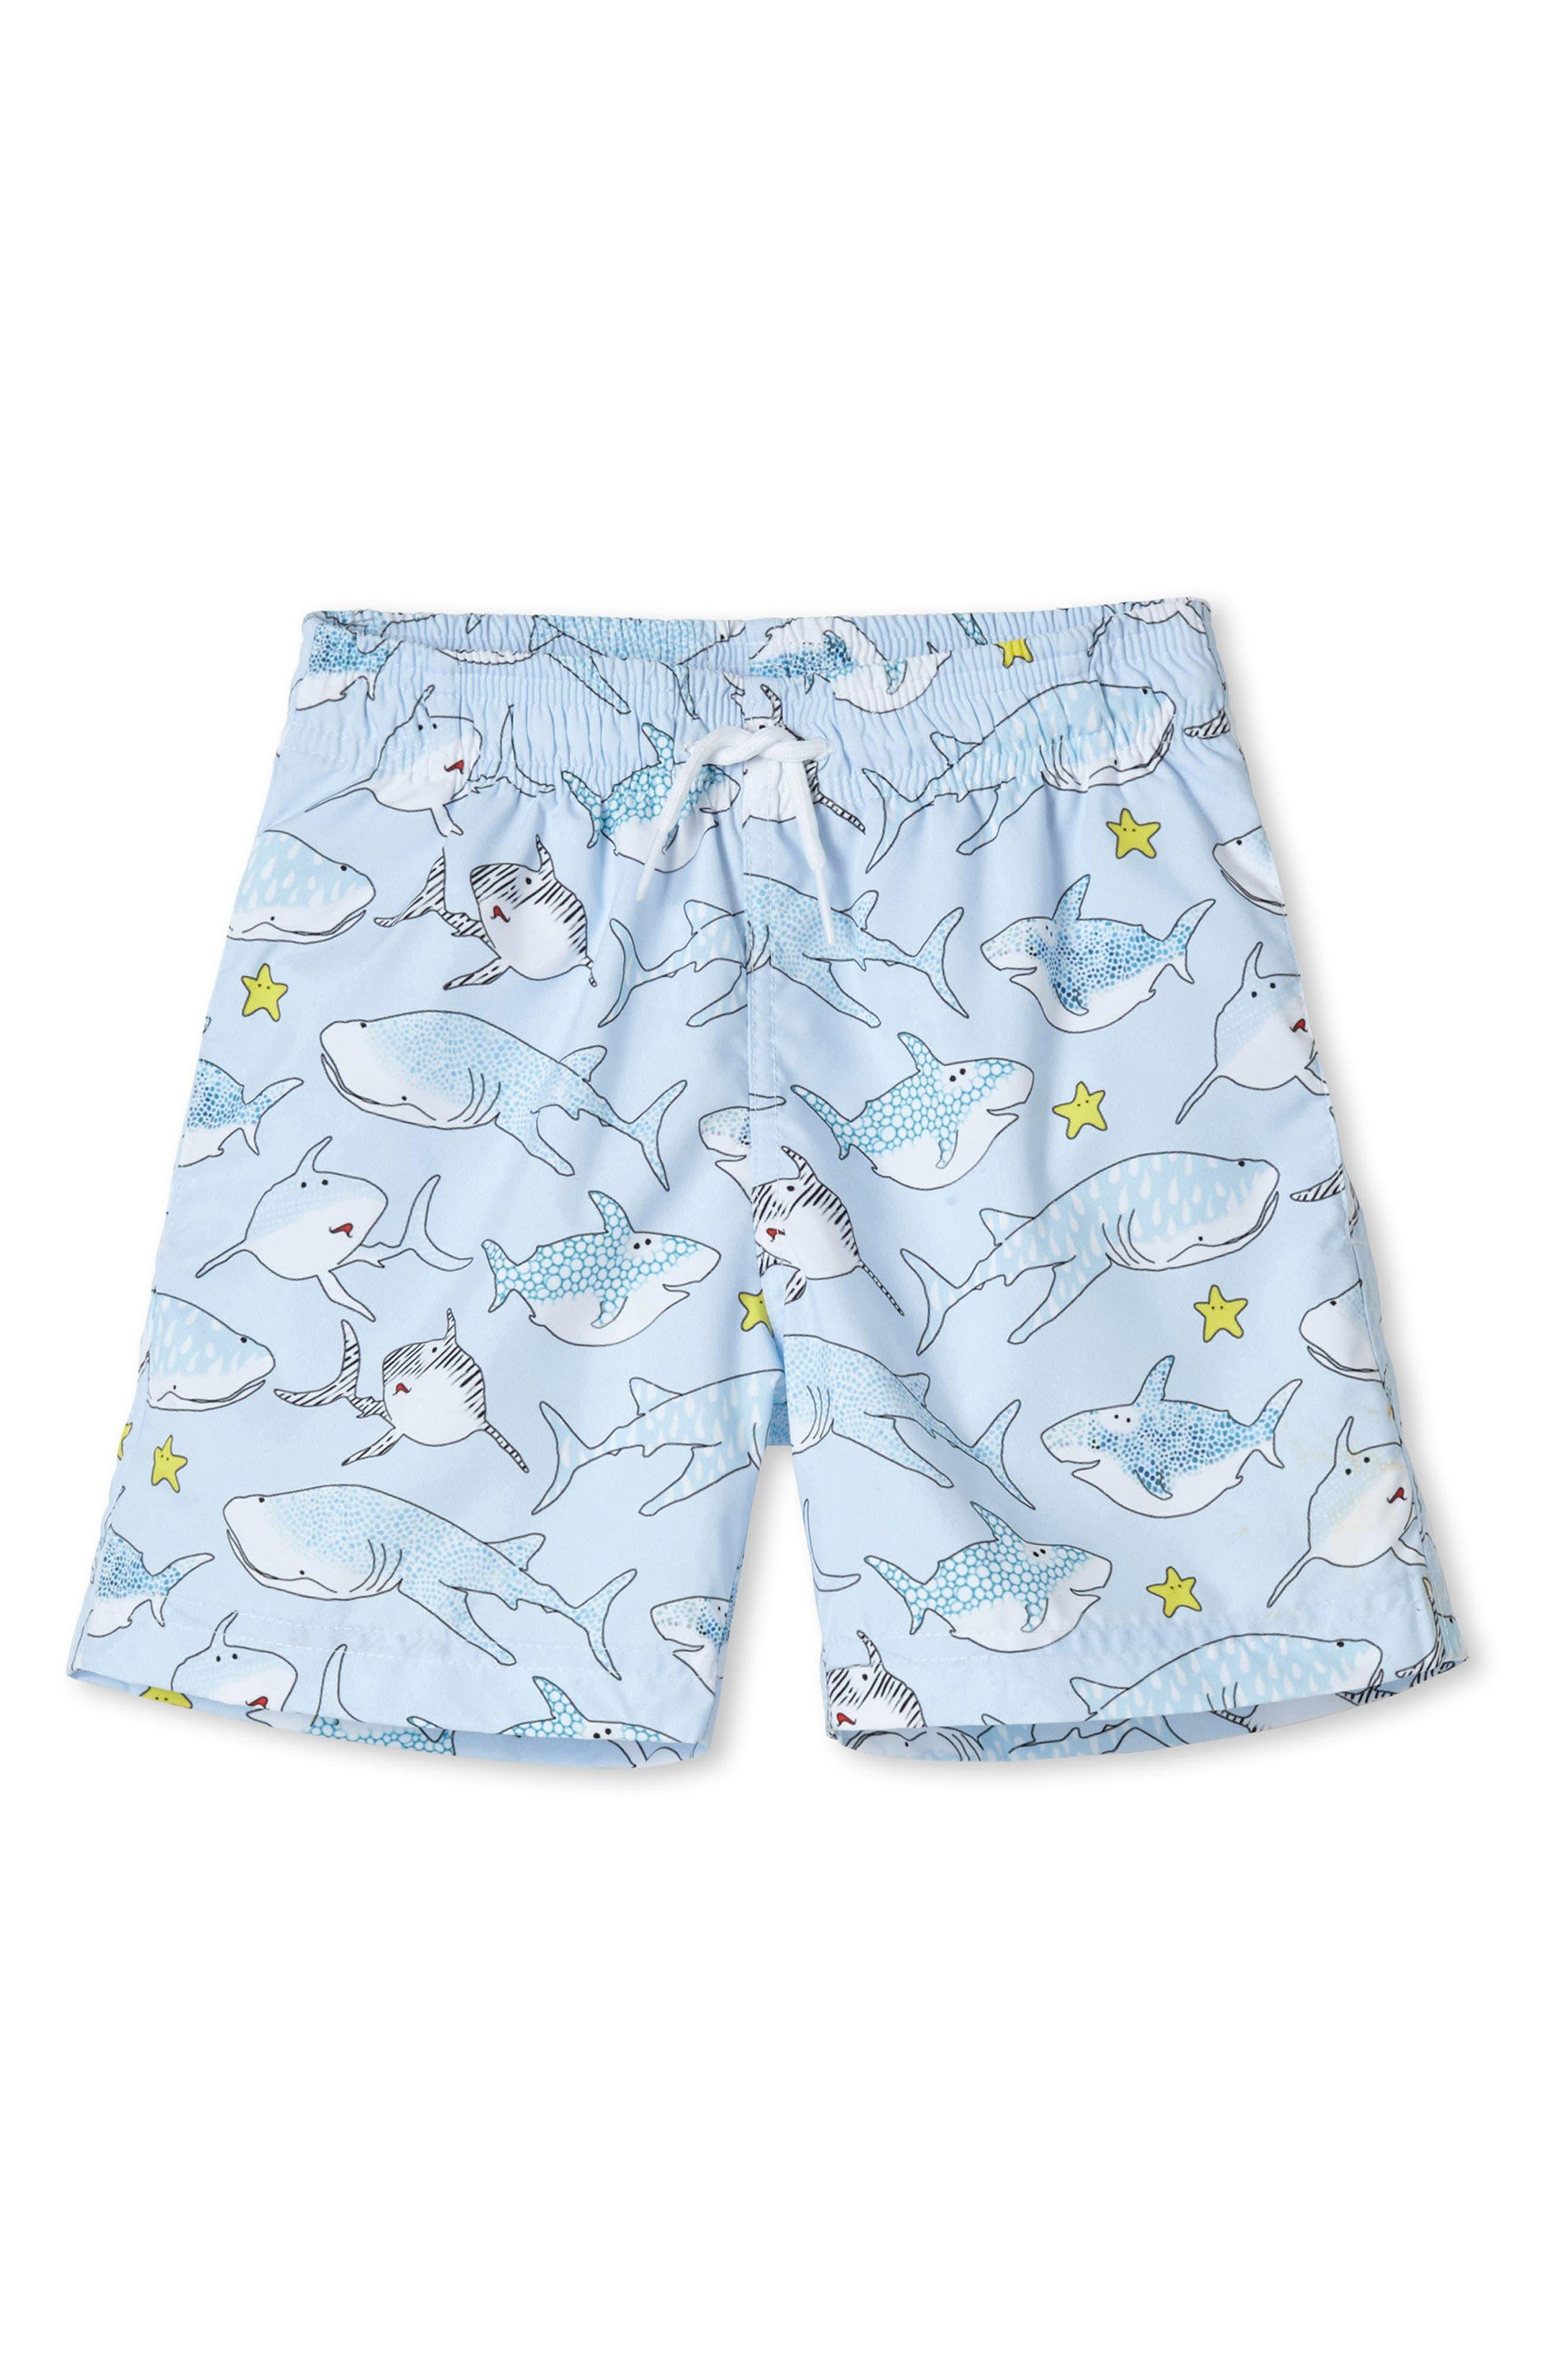 Stella Cove Blue Shark Swim Trunks (Toddler Boys & Little Boys)